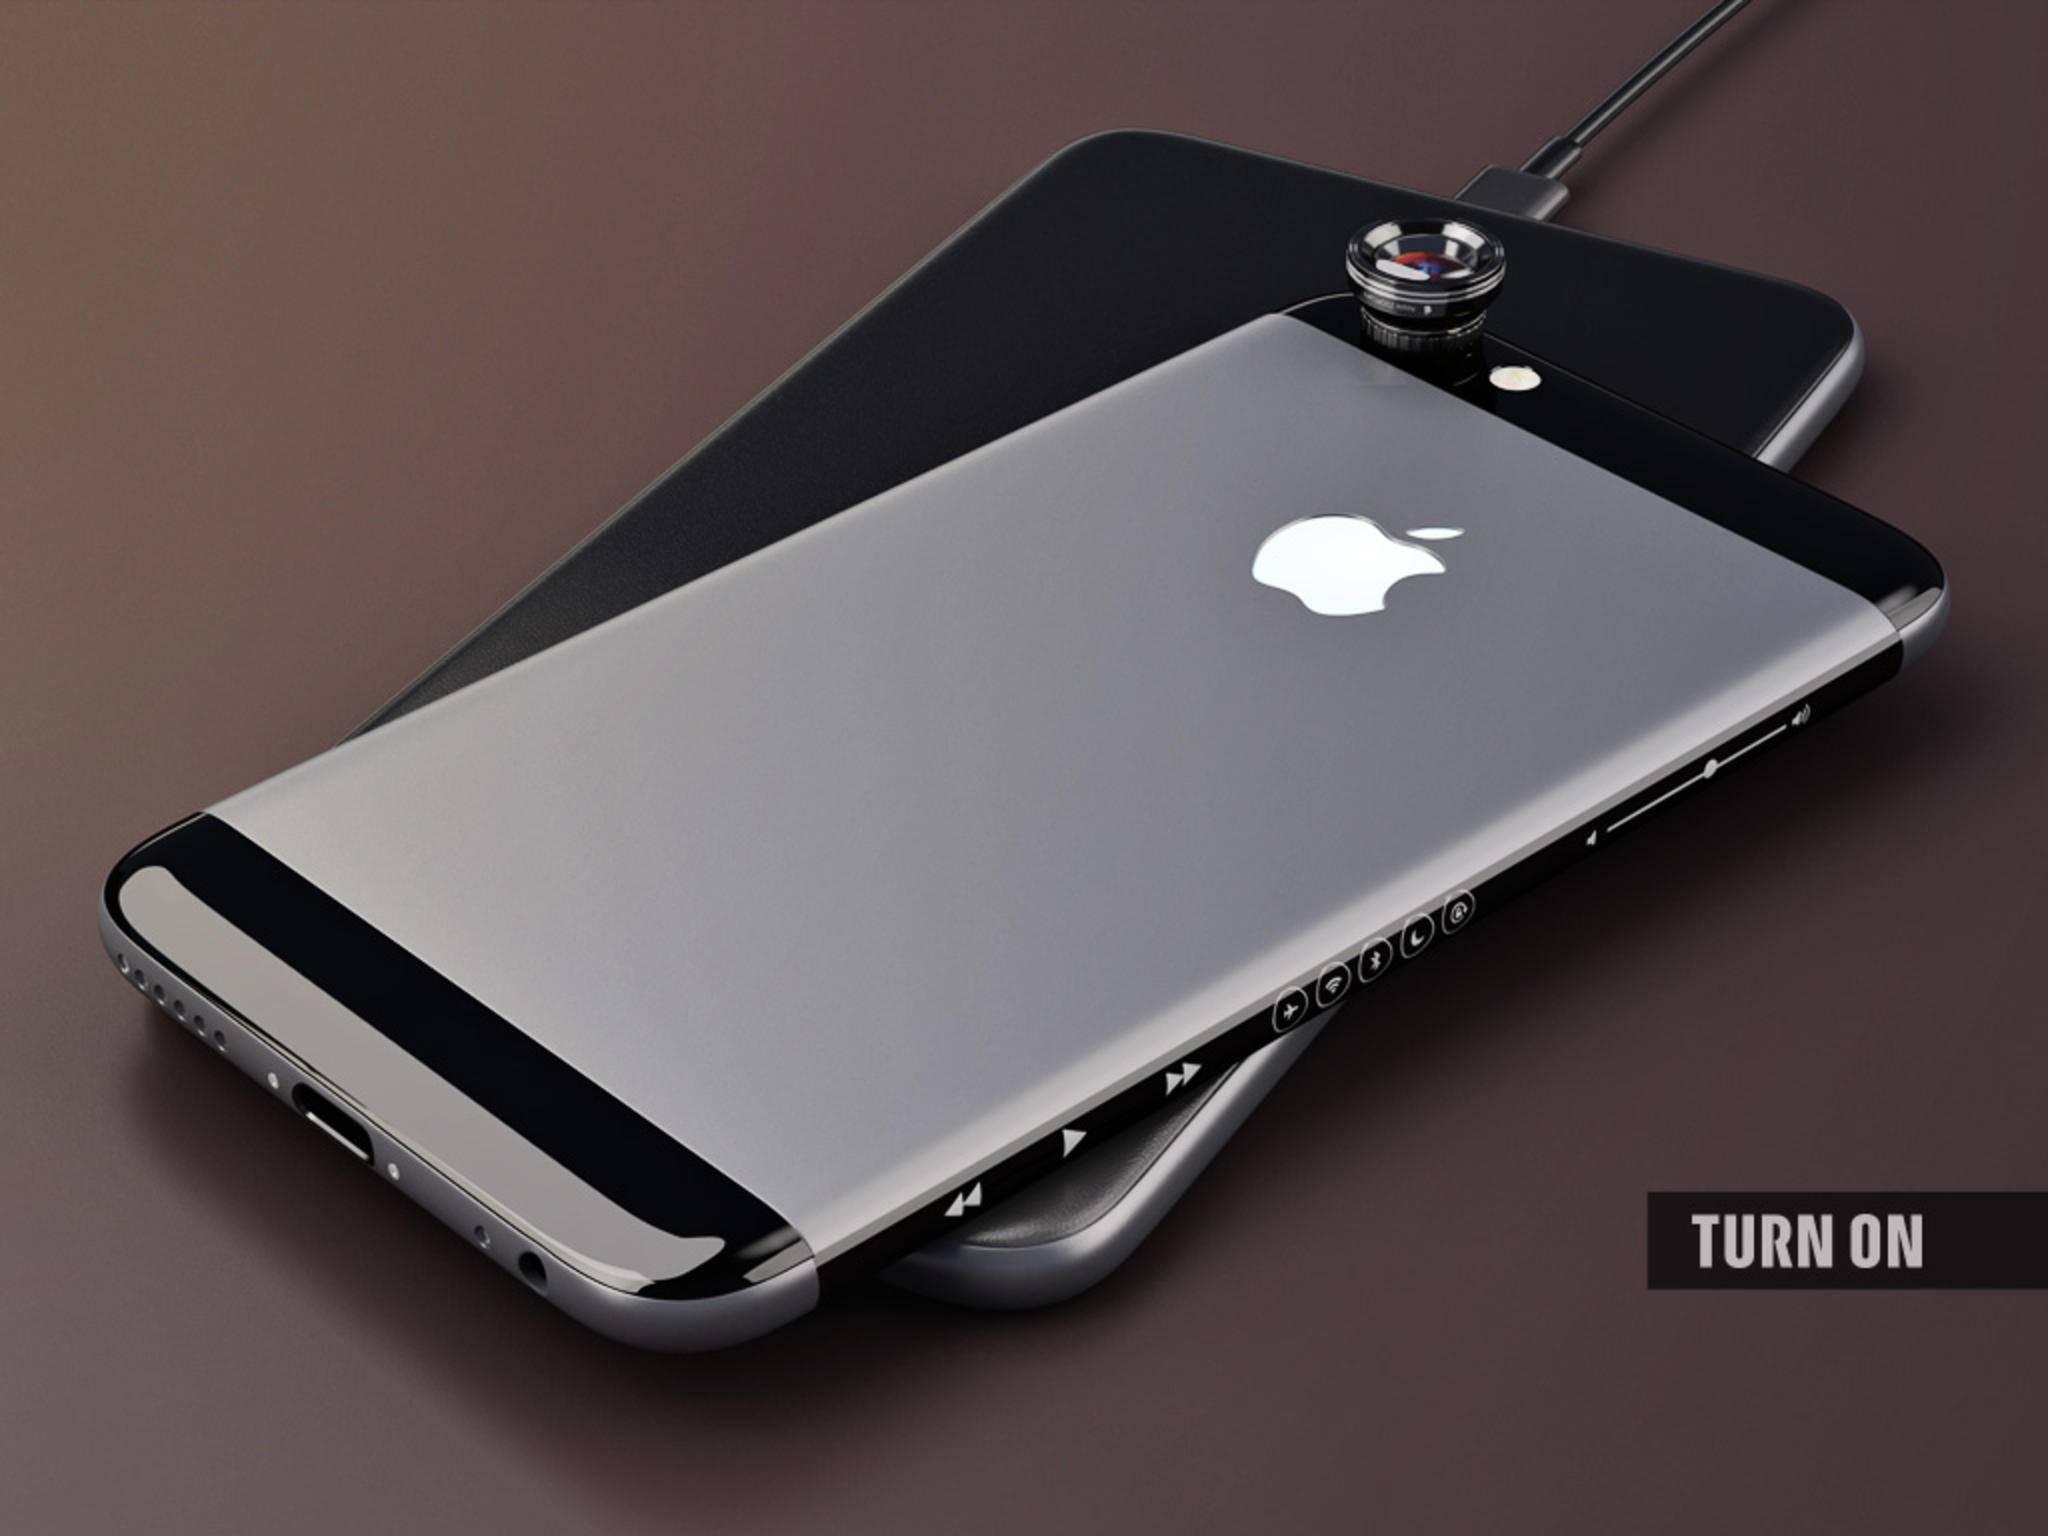 Diese 11 Features wünschen wir uns vom iPhone 7.